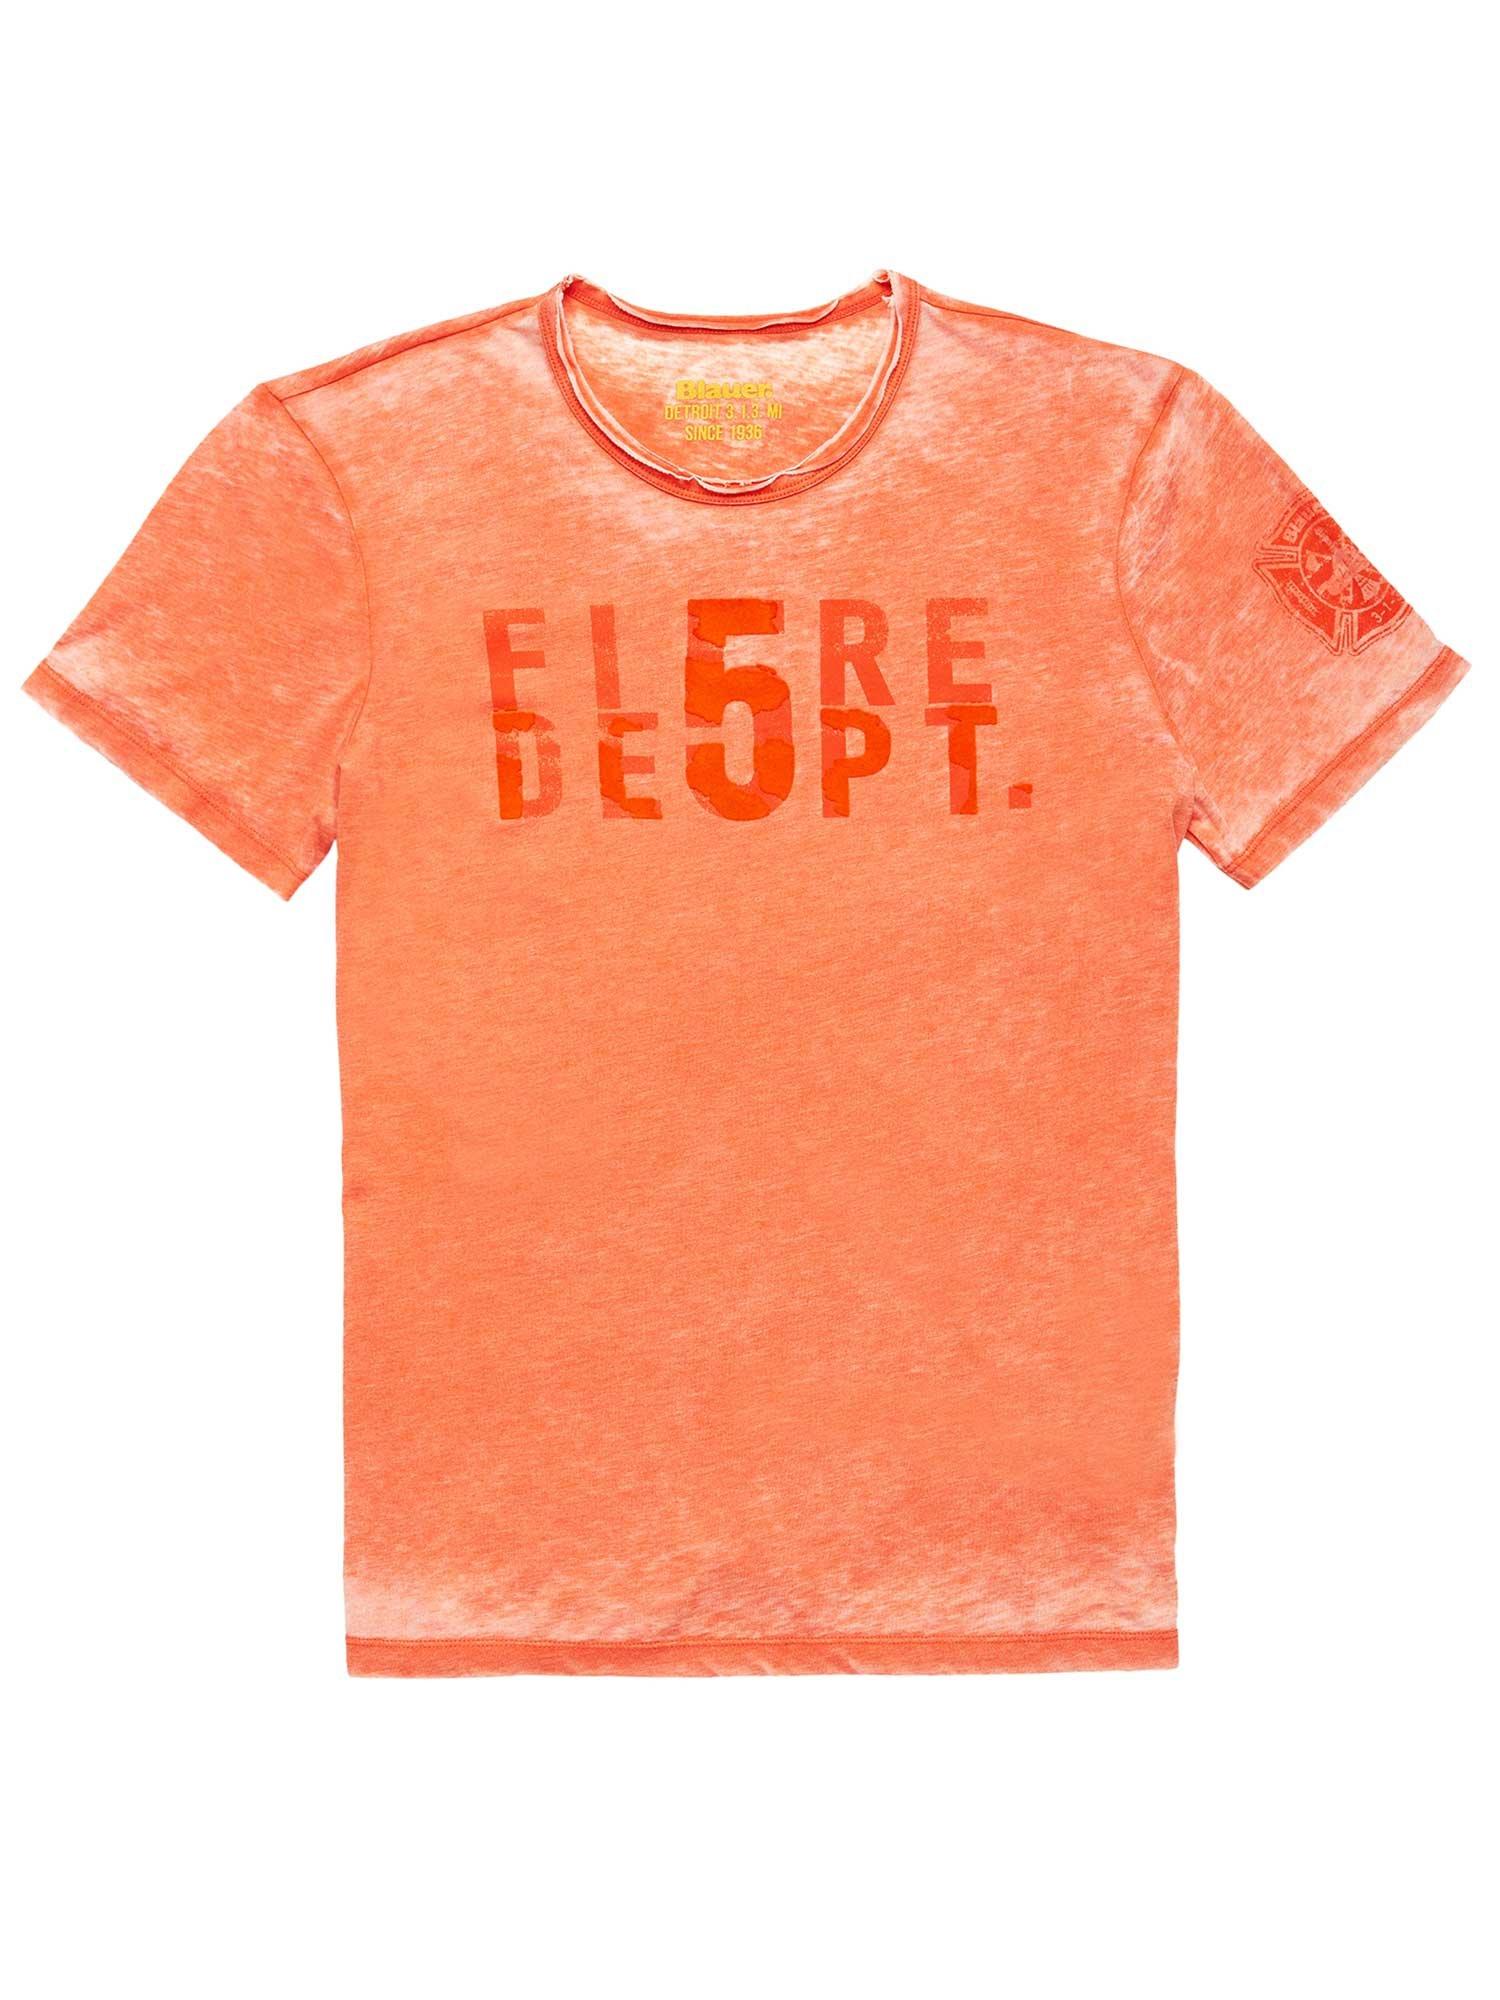 Blauer - FIRE 5 DEPT. T-SHIRT - Mandarin - Blauer